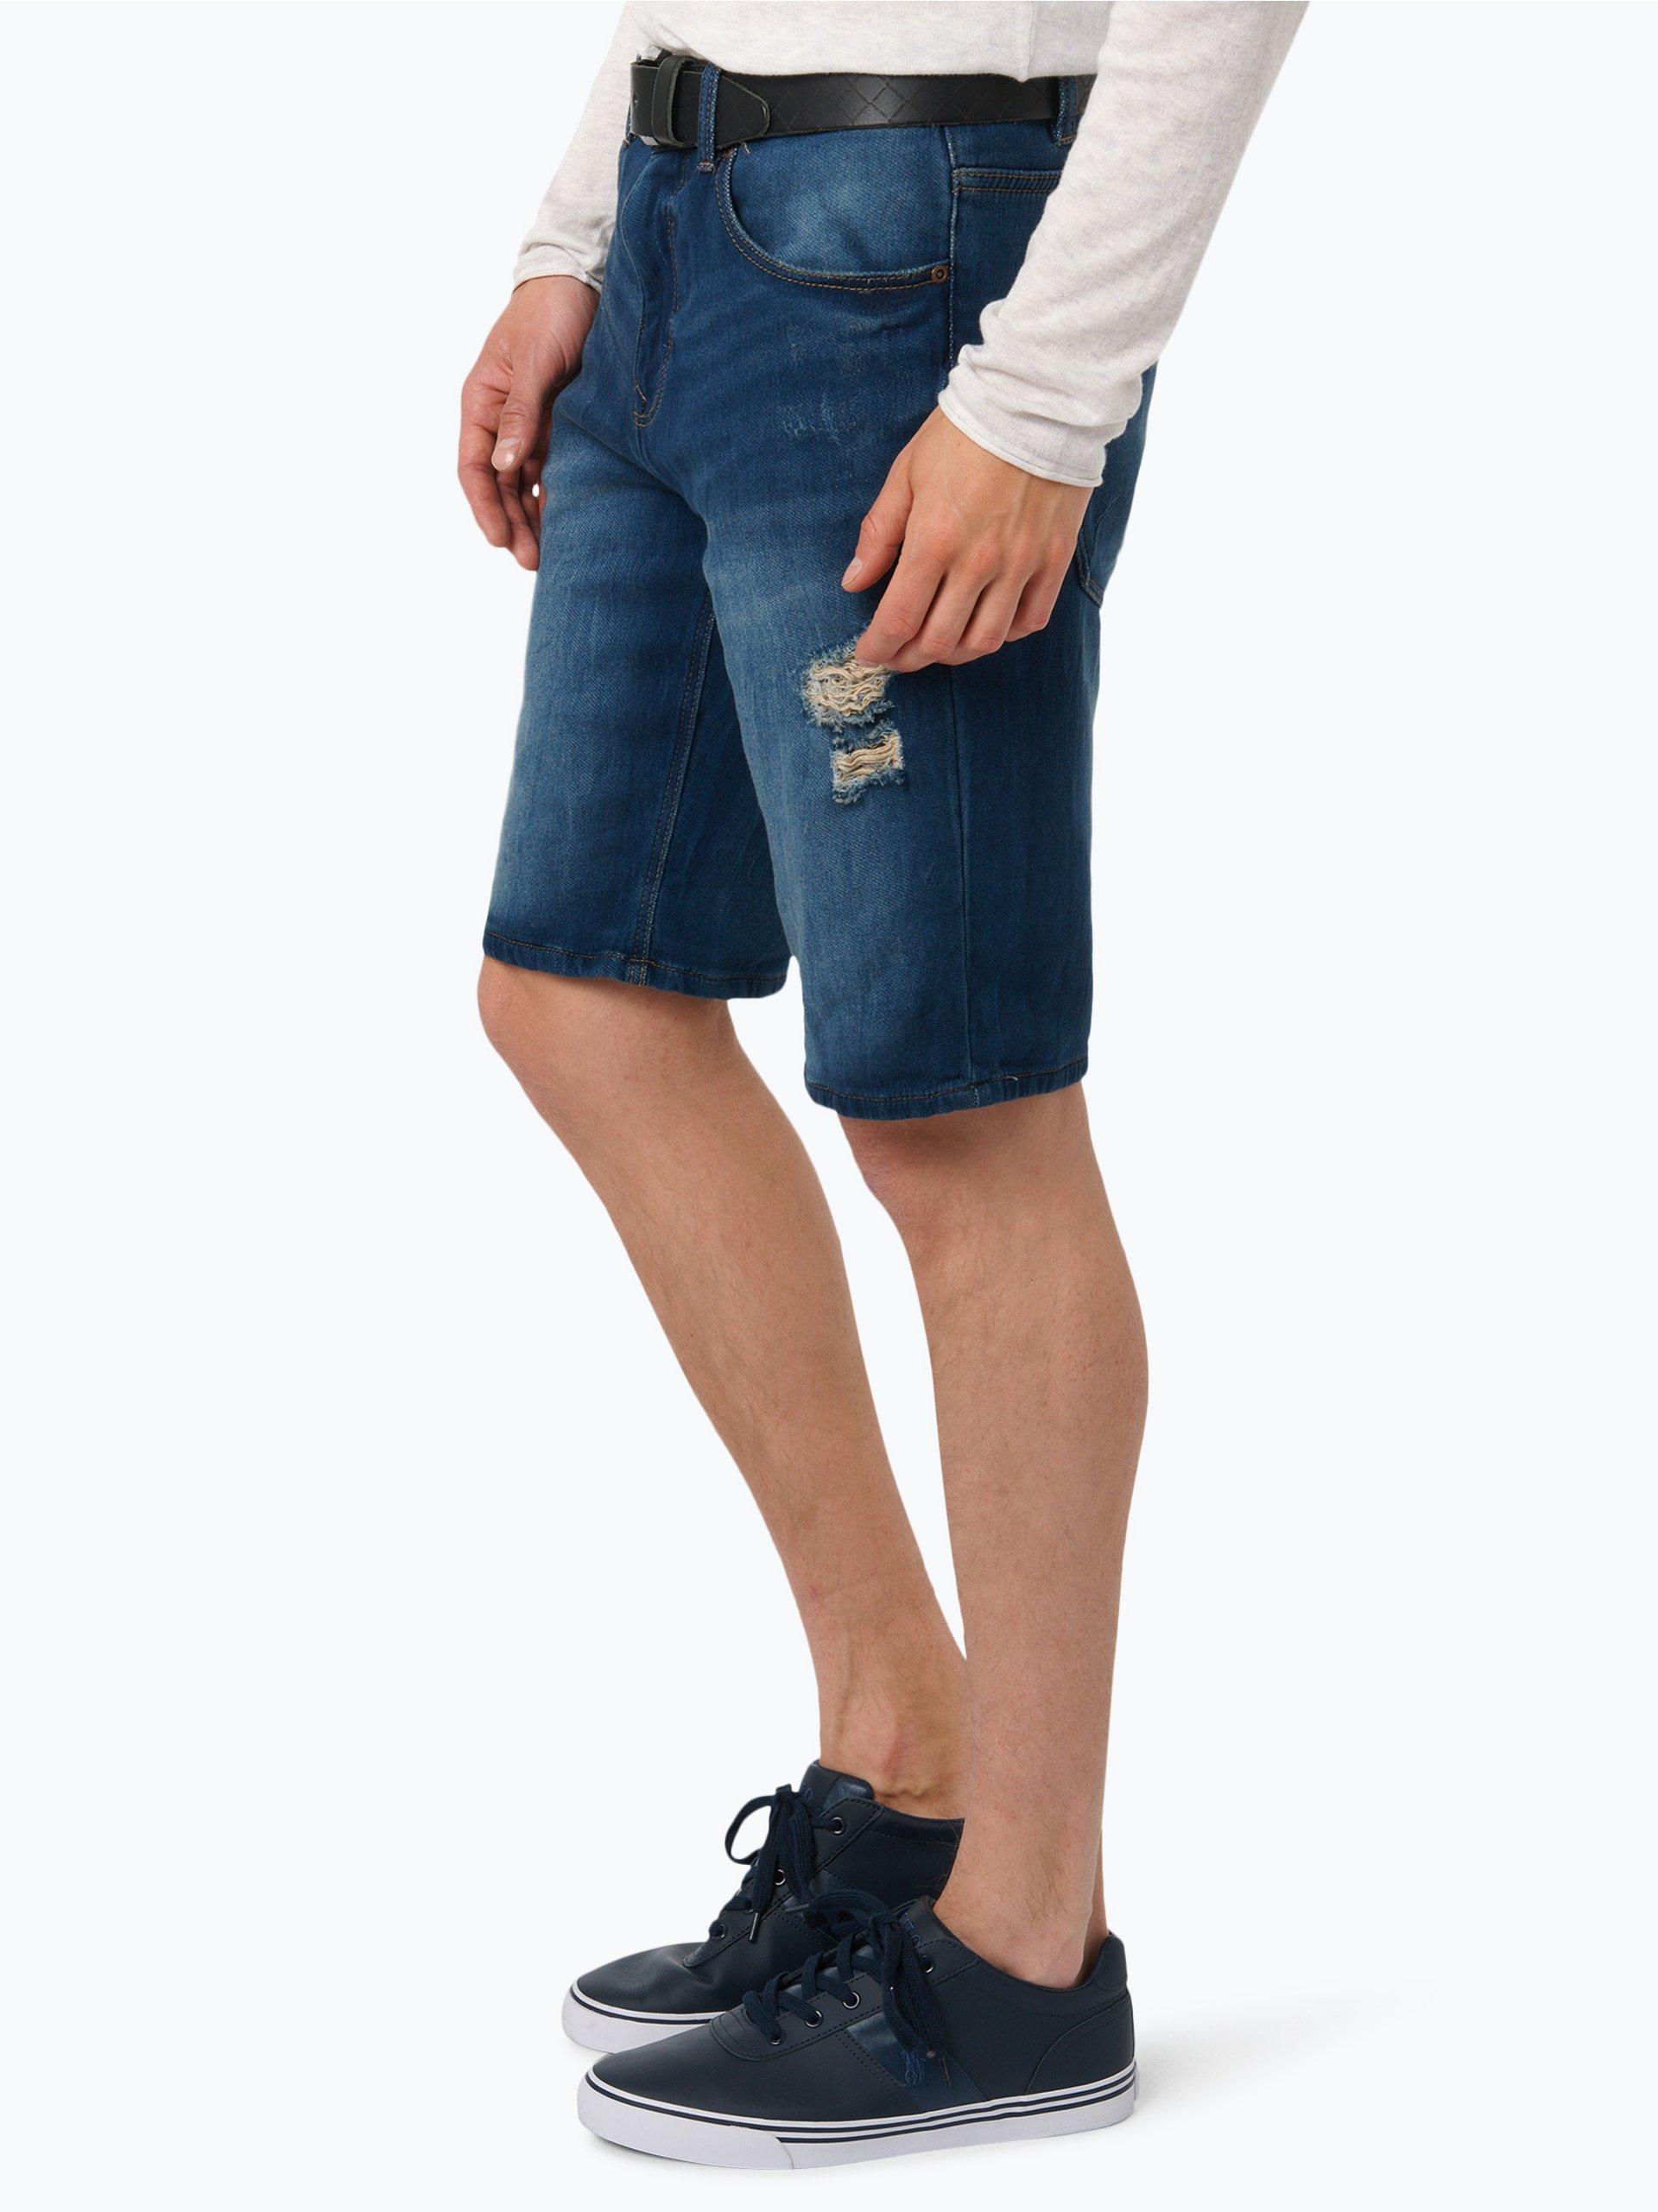 review herren jeans bermuda hellblau blau uni online kaufen vangraaf com. Black Bedroom Furniture Sets. Home Design Ideas